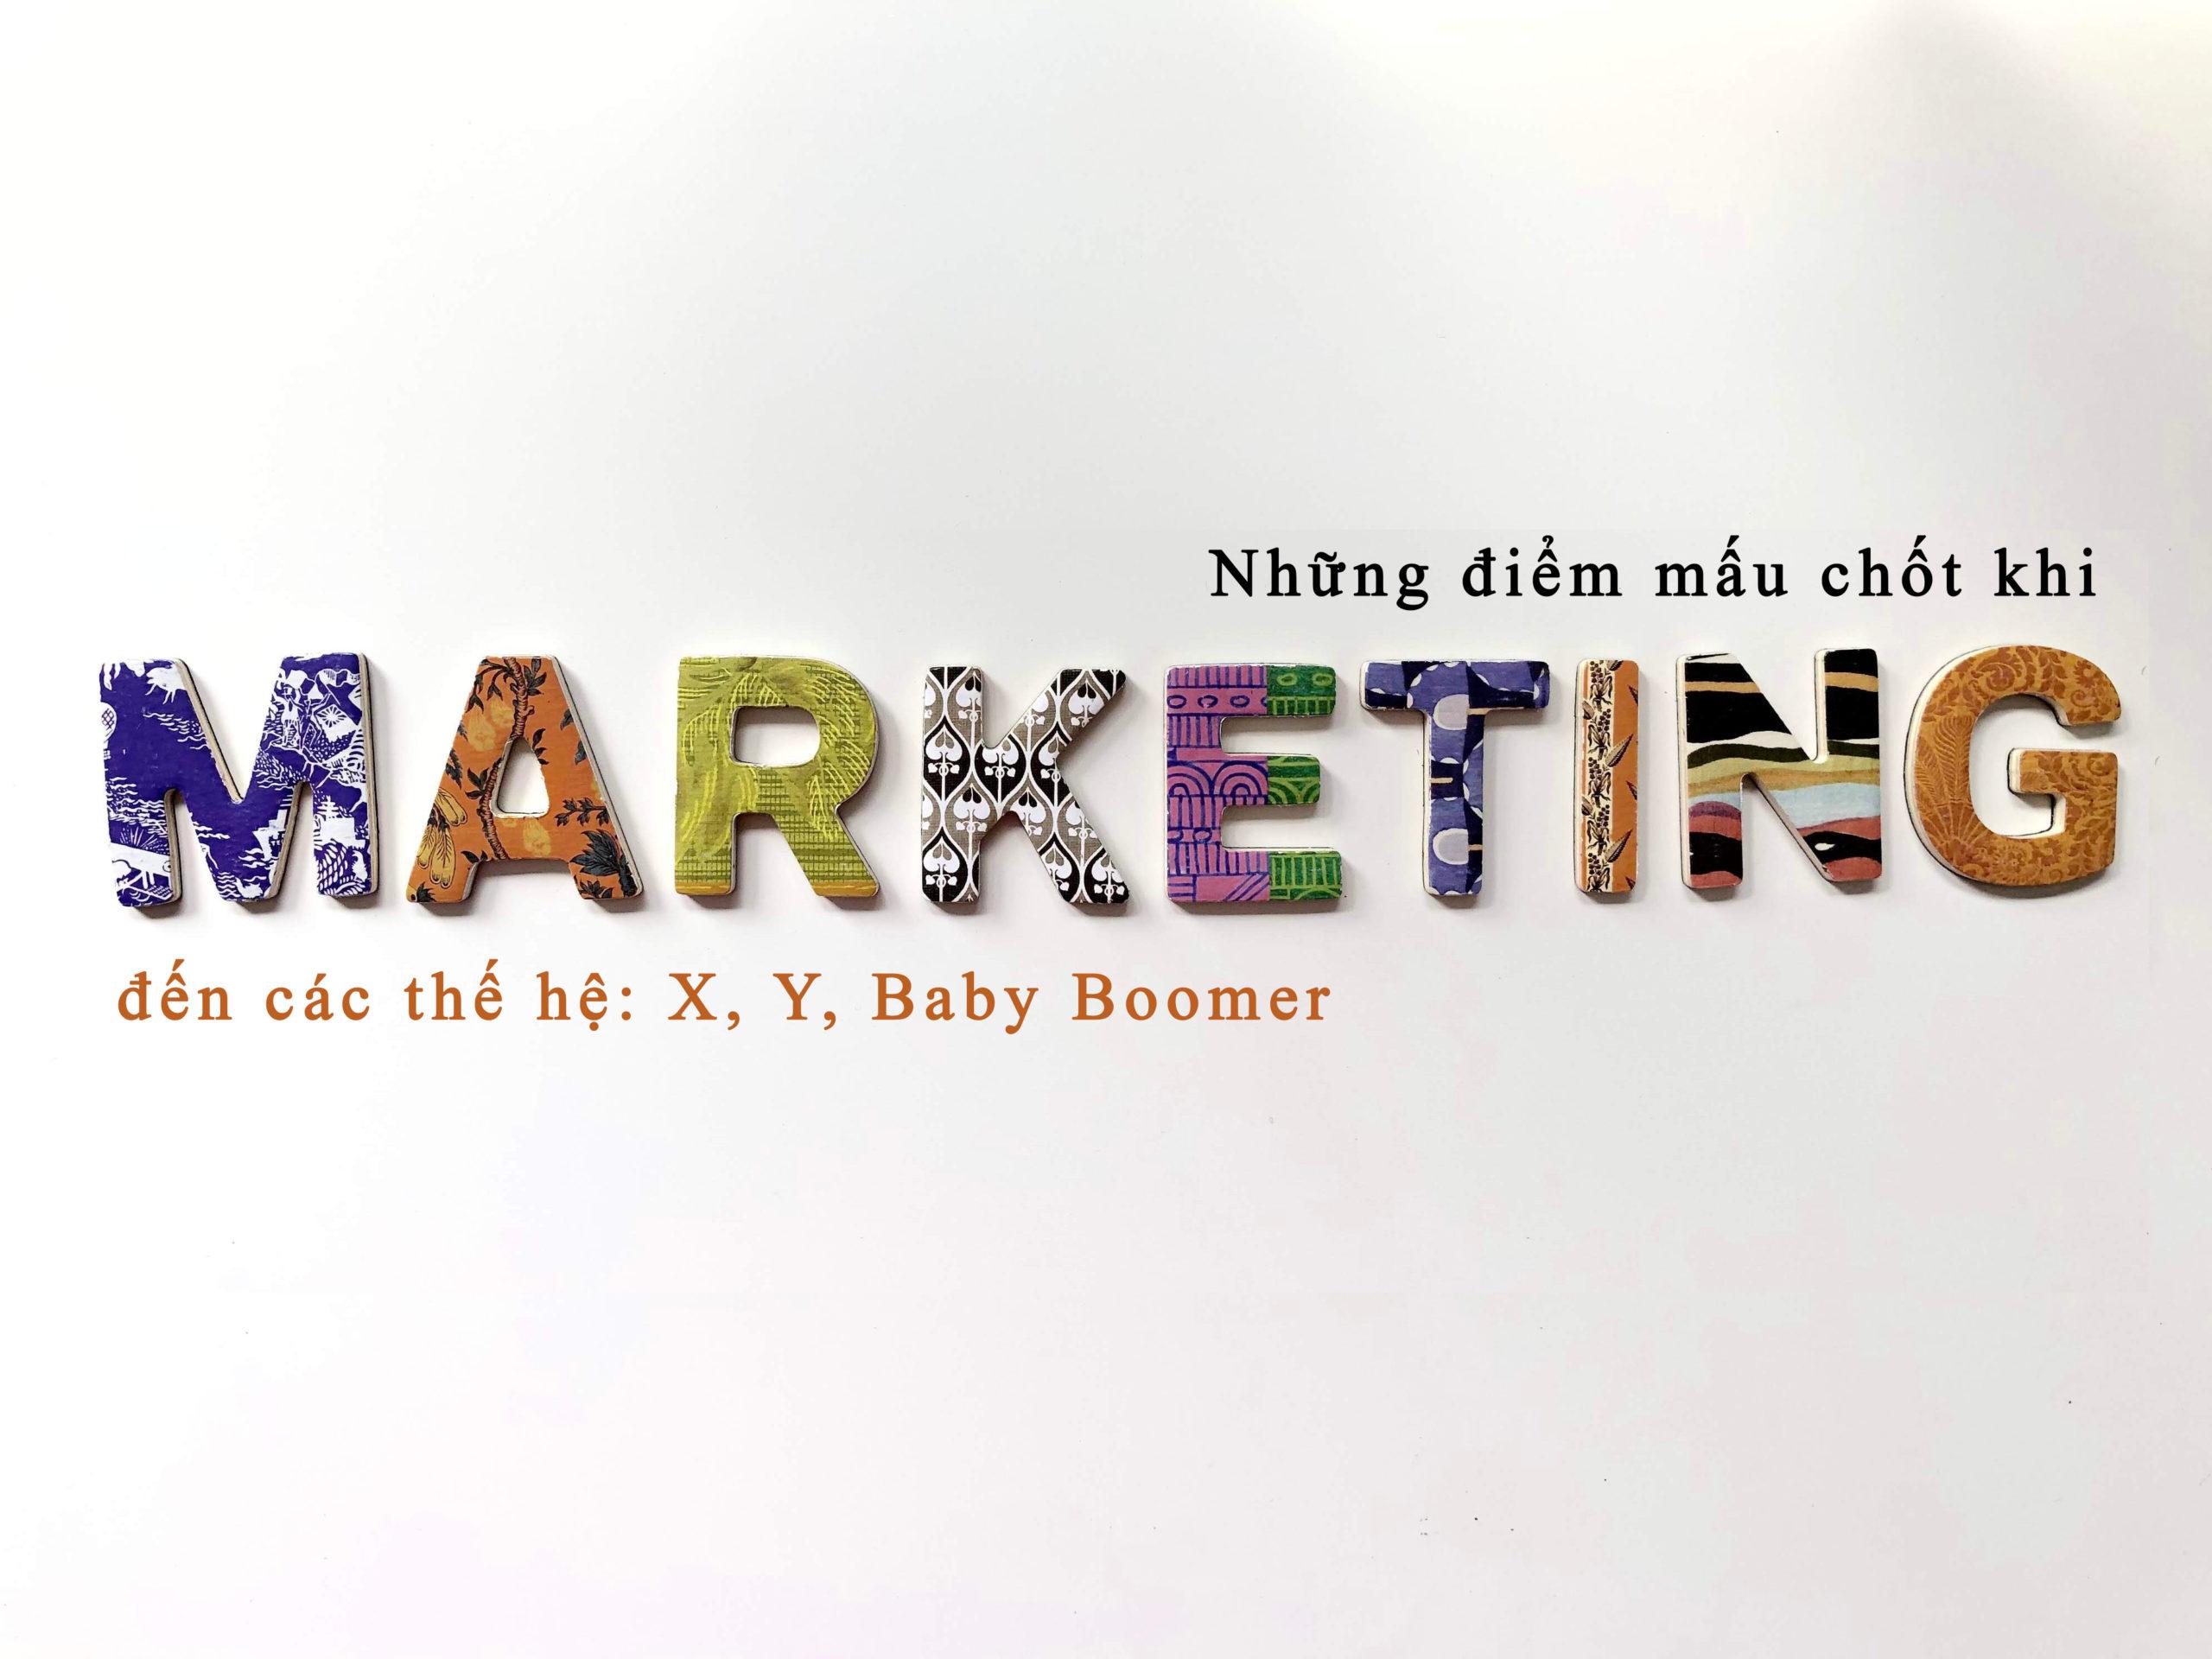 Những điểm mấu chốt khi Marketing đến các thế hệ: X, Y, Baby Boomer